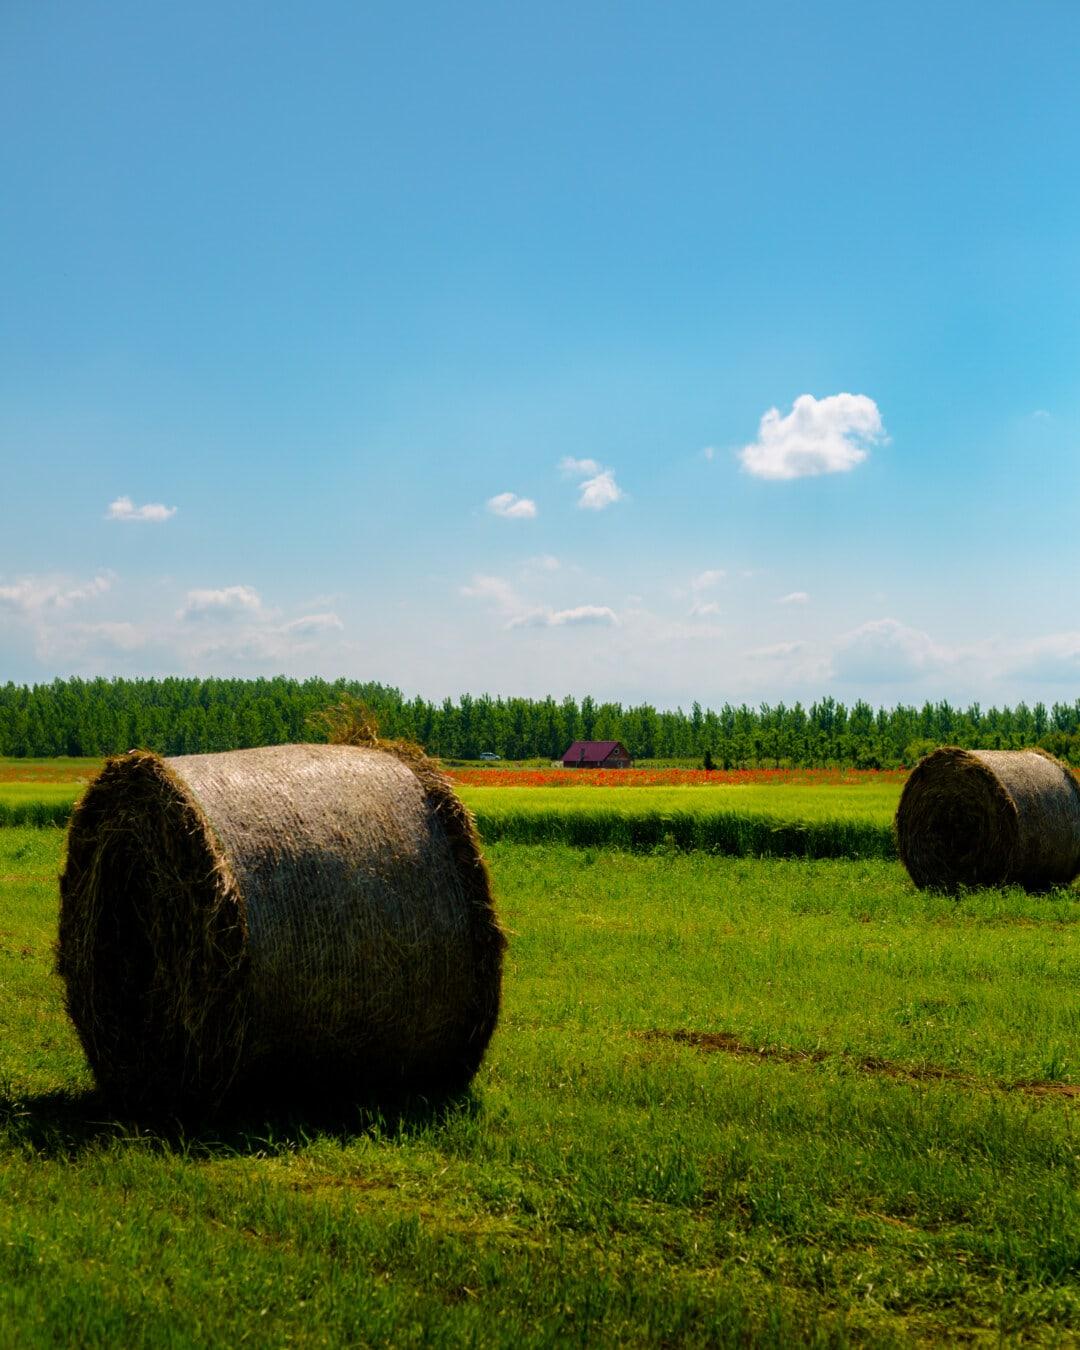 sena, kola, zemědělská usedlost, zemědělská půda, farma, seno pole, seno, pole, tráva, zemědělství